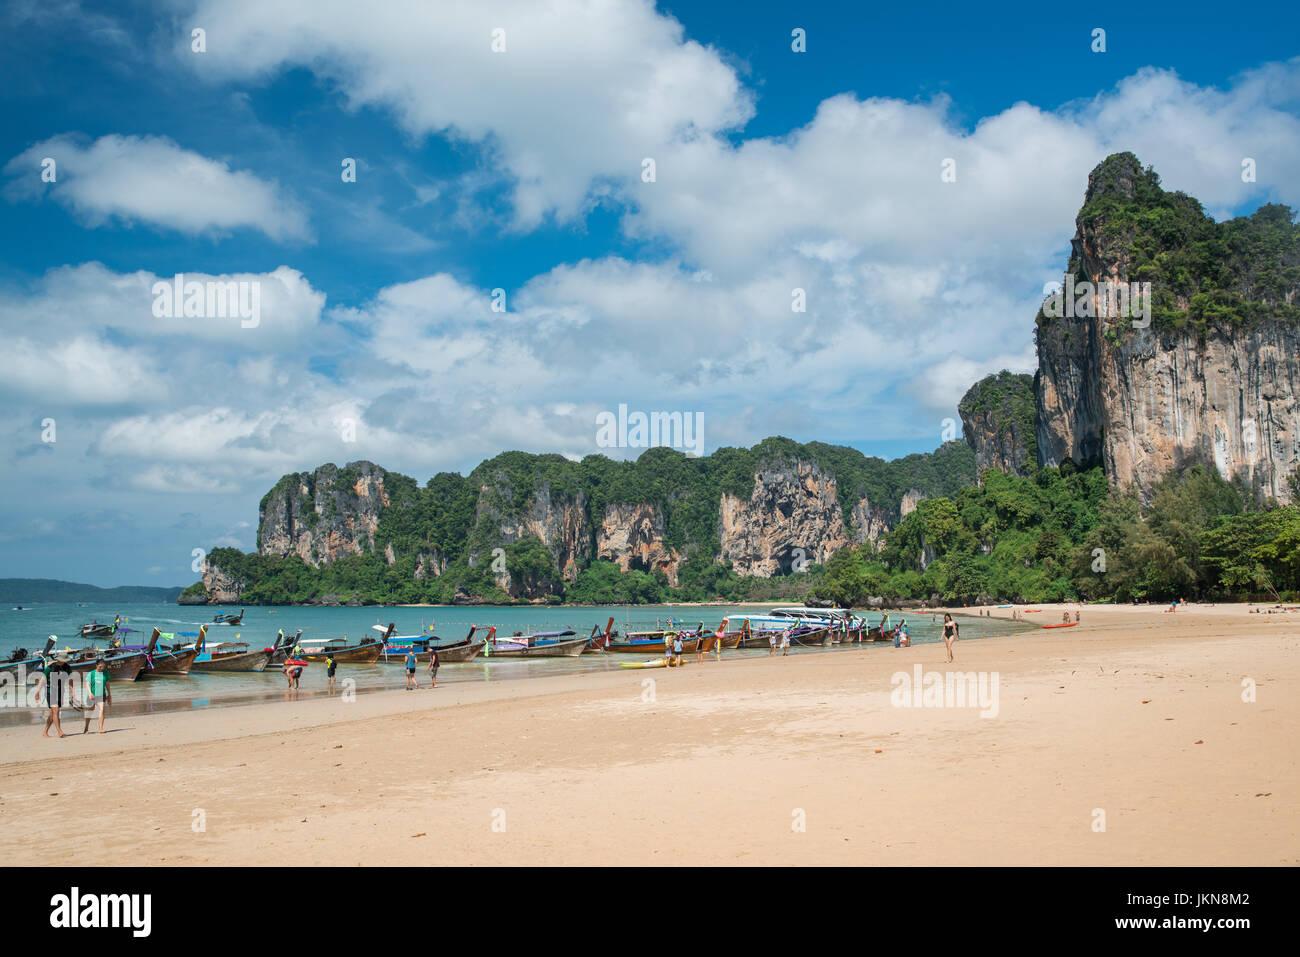 KRABI, THAILAND - 5 Dezember: Bunte Longtailboote am Railay Beach auf einem Hintergrund des blauen Himmels und azurblauen Stockbild